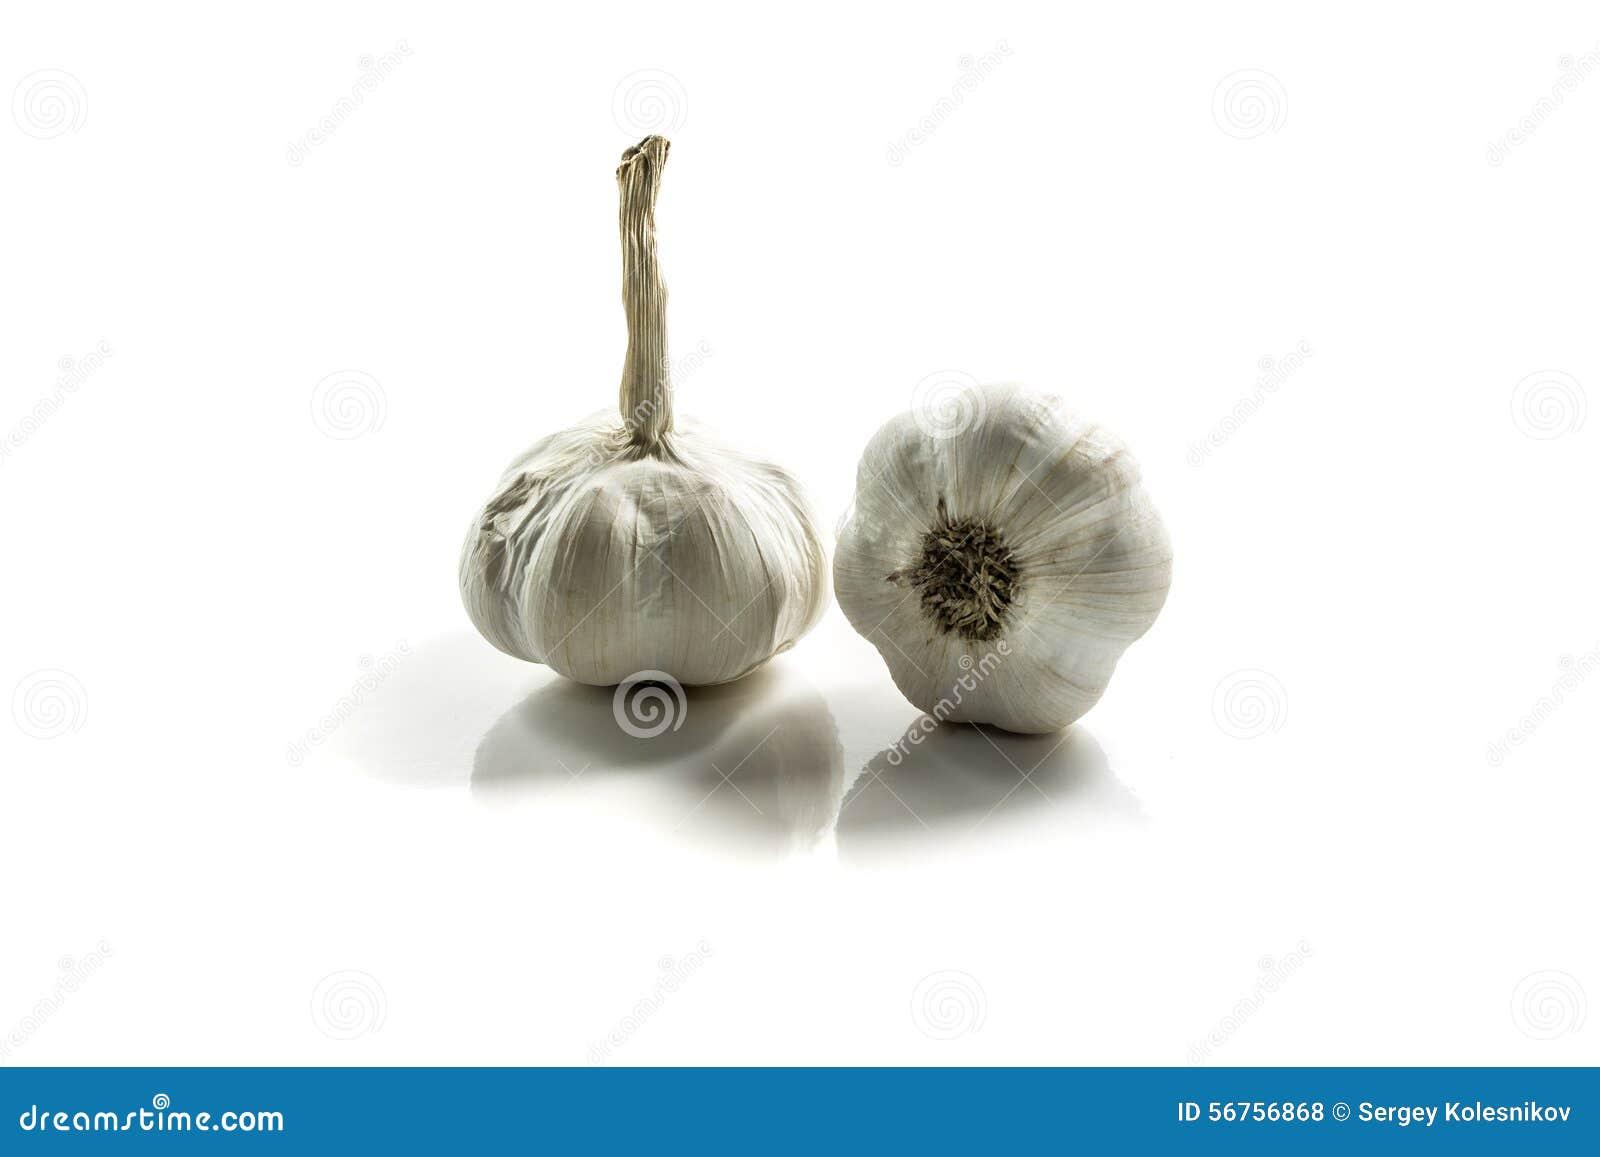 garlic essay